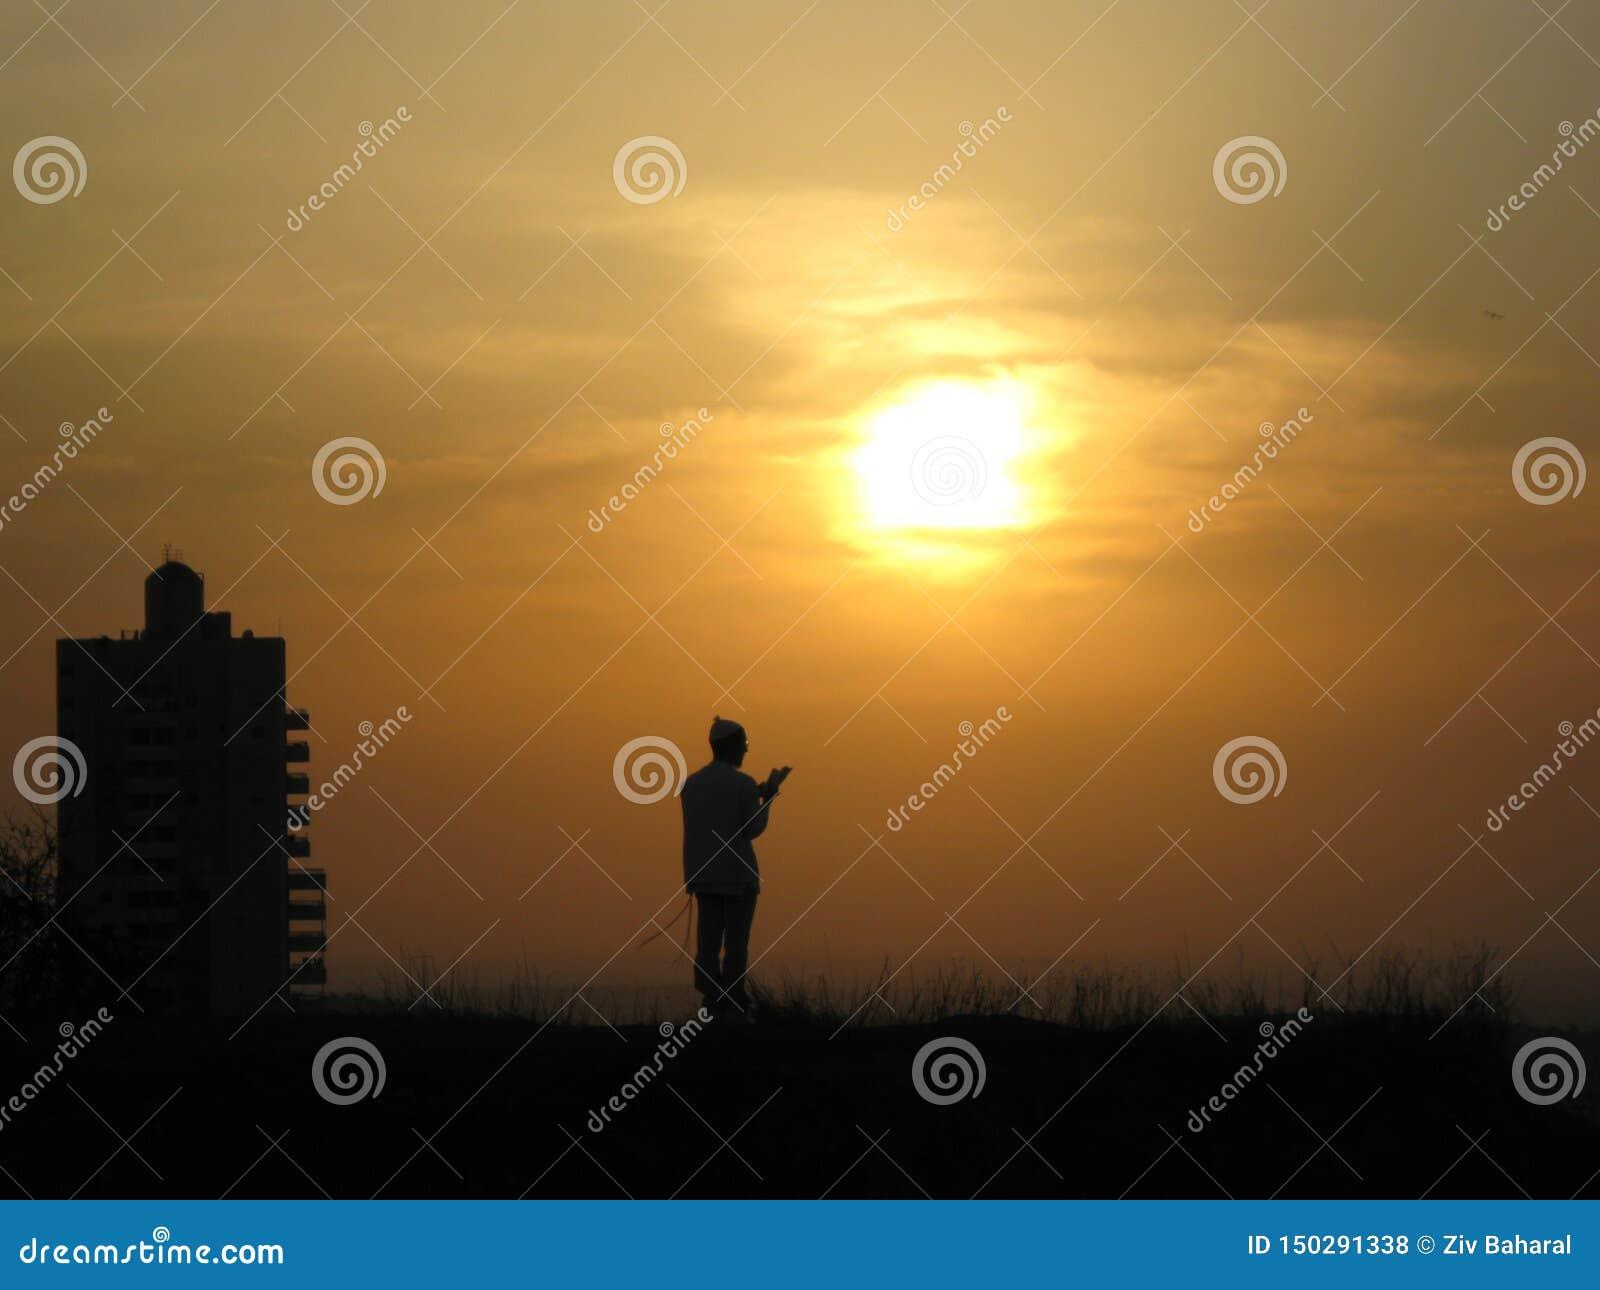 Una persona religiosa ruega a dios en una colina delante del sol y de la puesta del sol